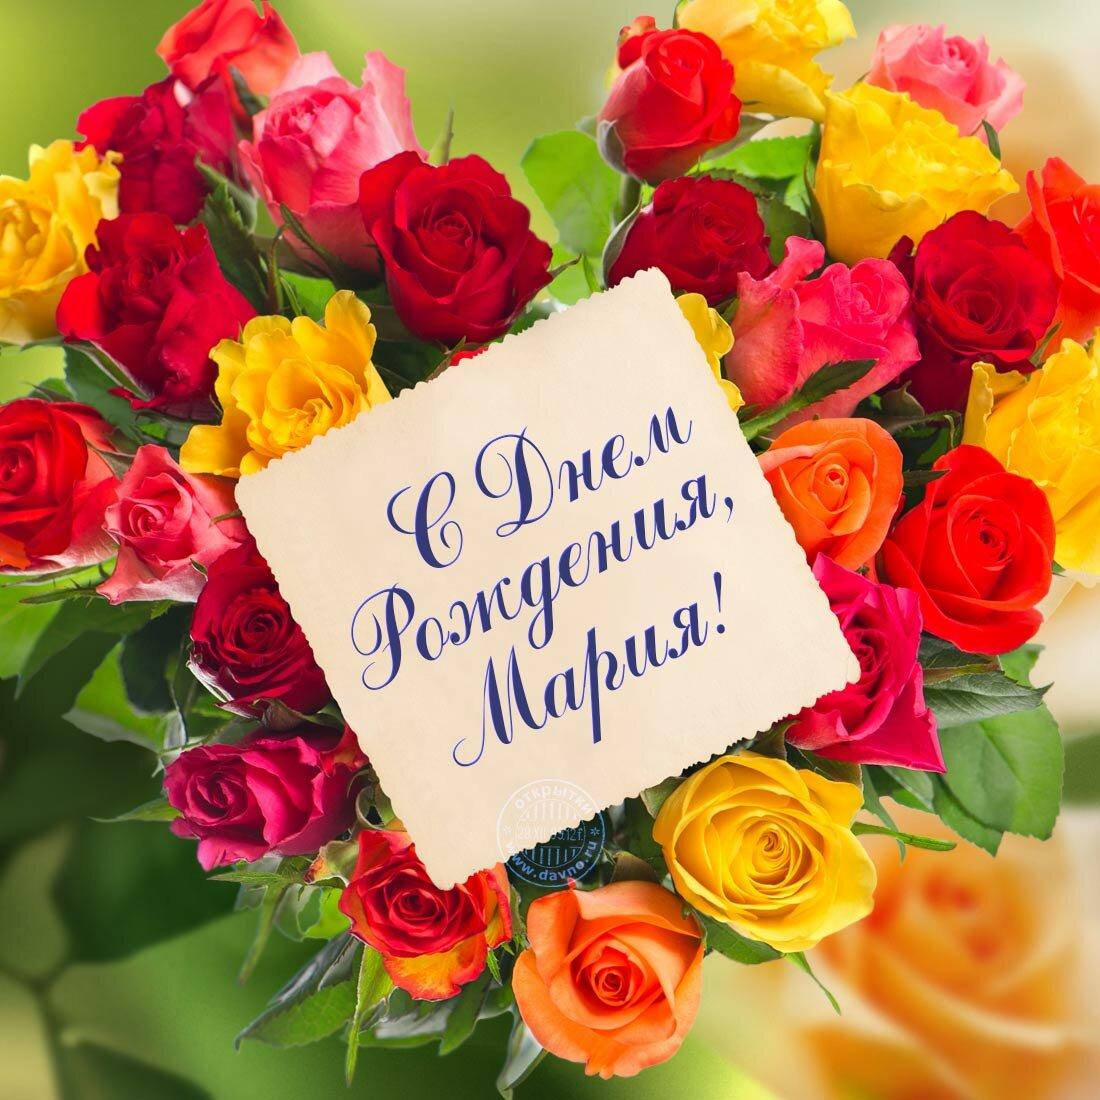 Открытки с днем рождения для девушек именные